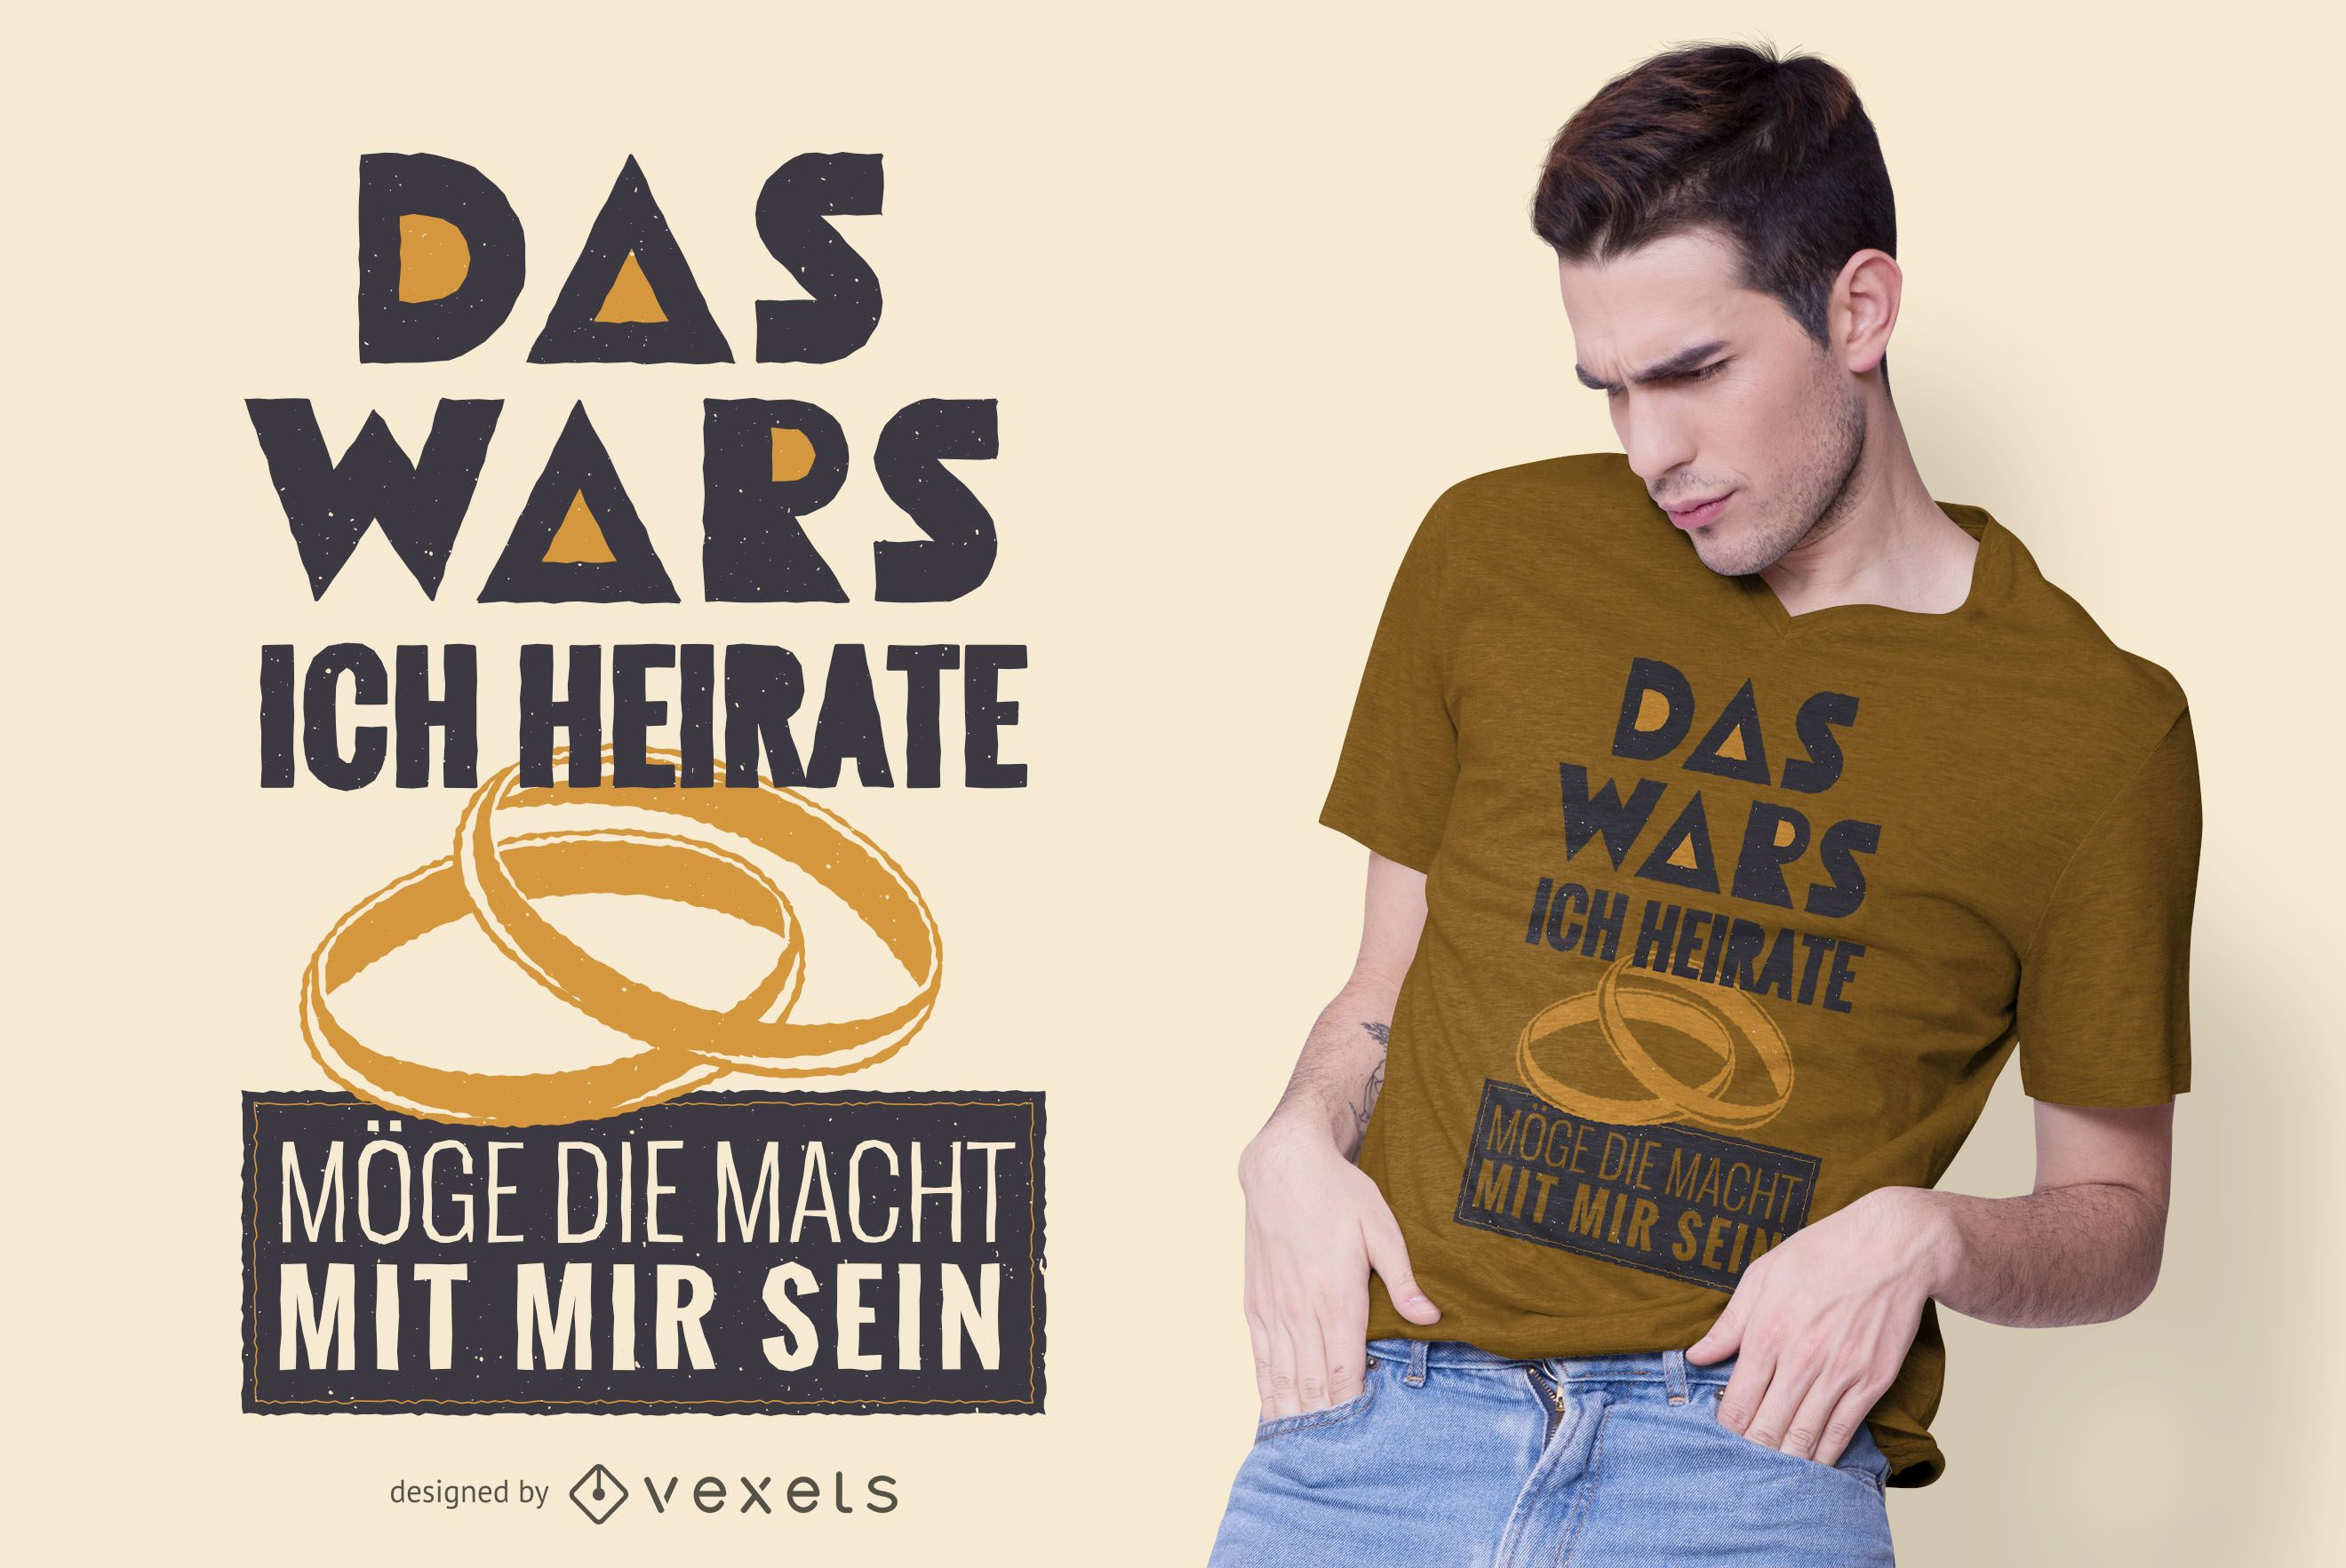 Dise?o de camiseta de matrimonio alem?n divertido